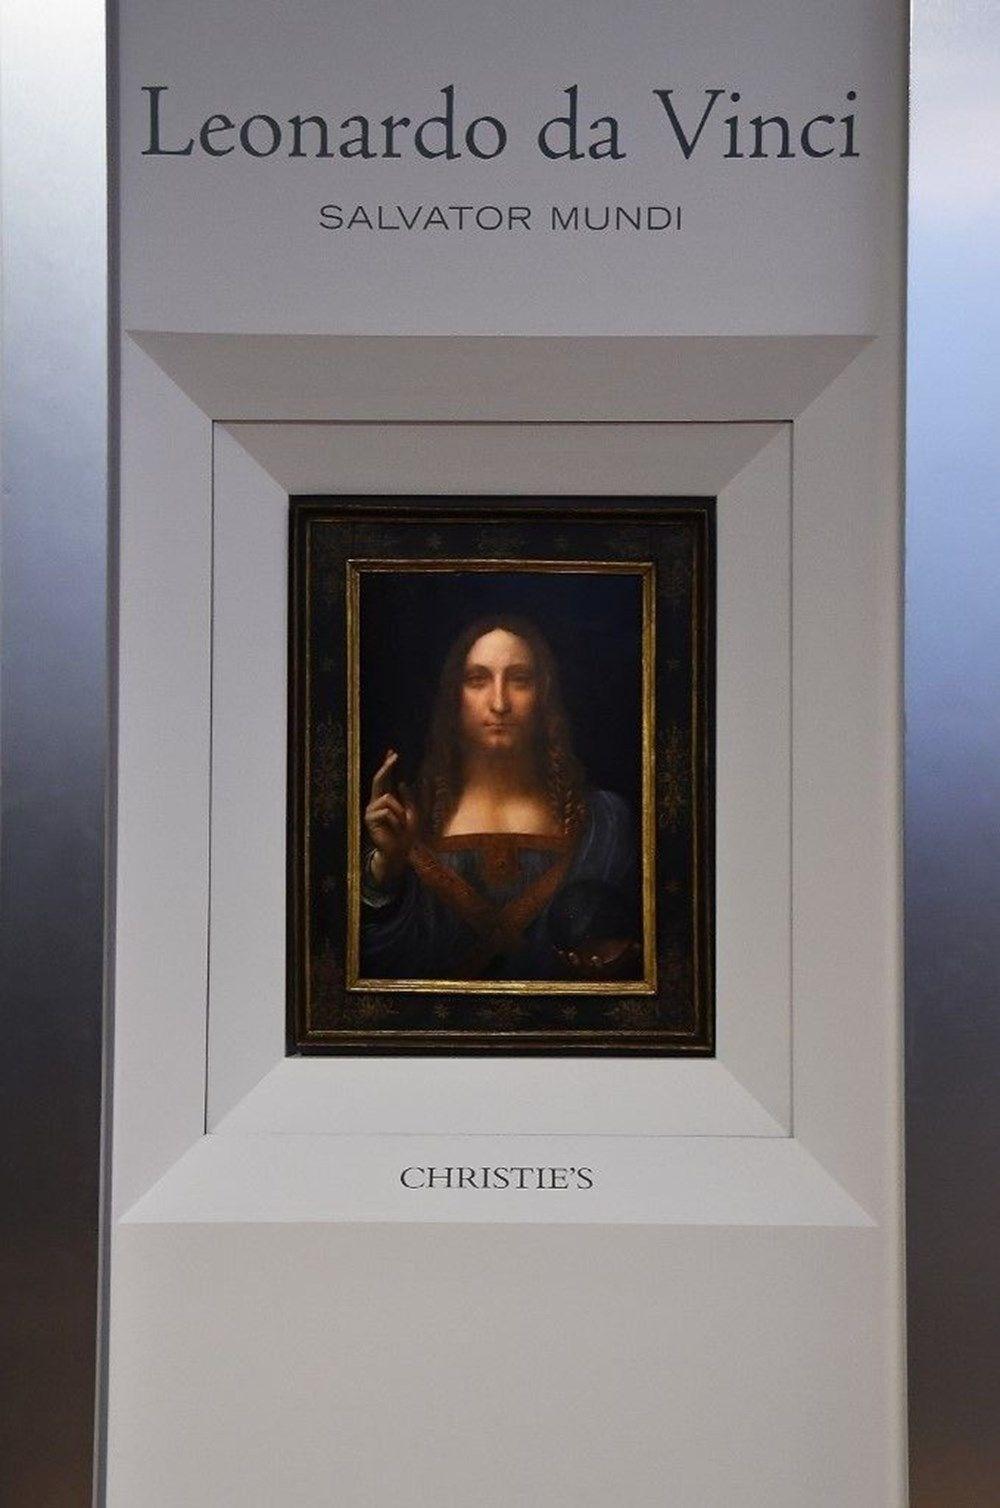 Dünyanın en pahalı tablosu olan Leonardo da Vinci'nin Salvator Mundi'si NFT olarak satışta - 4